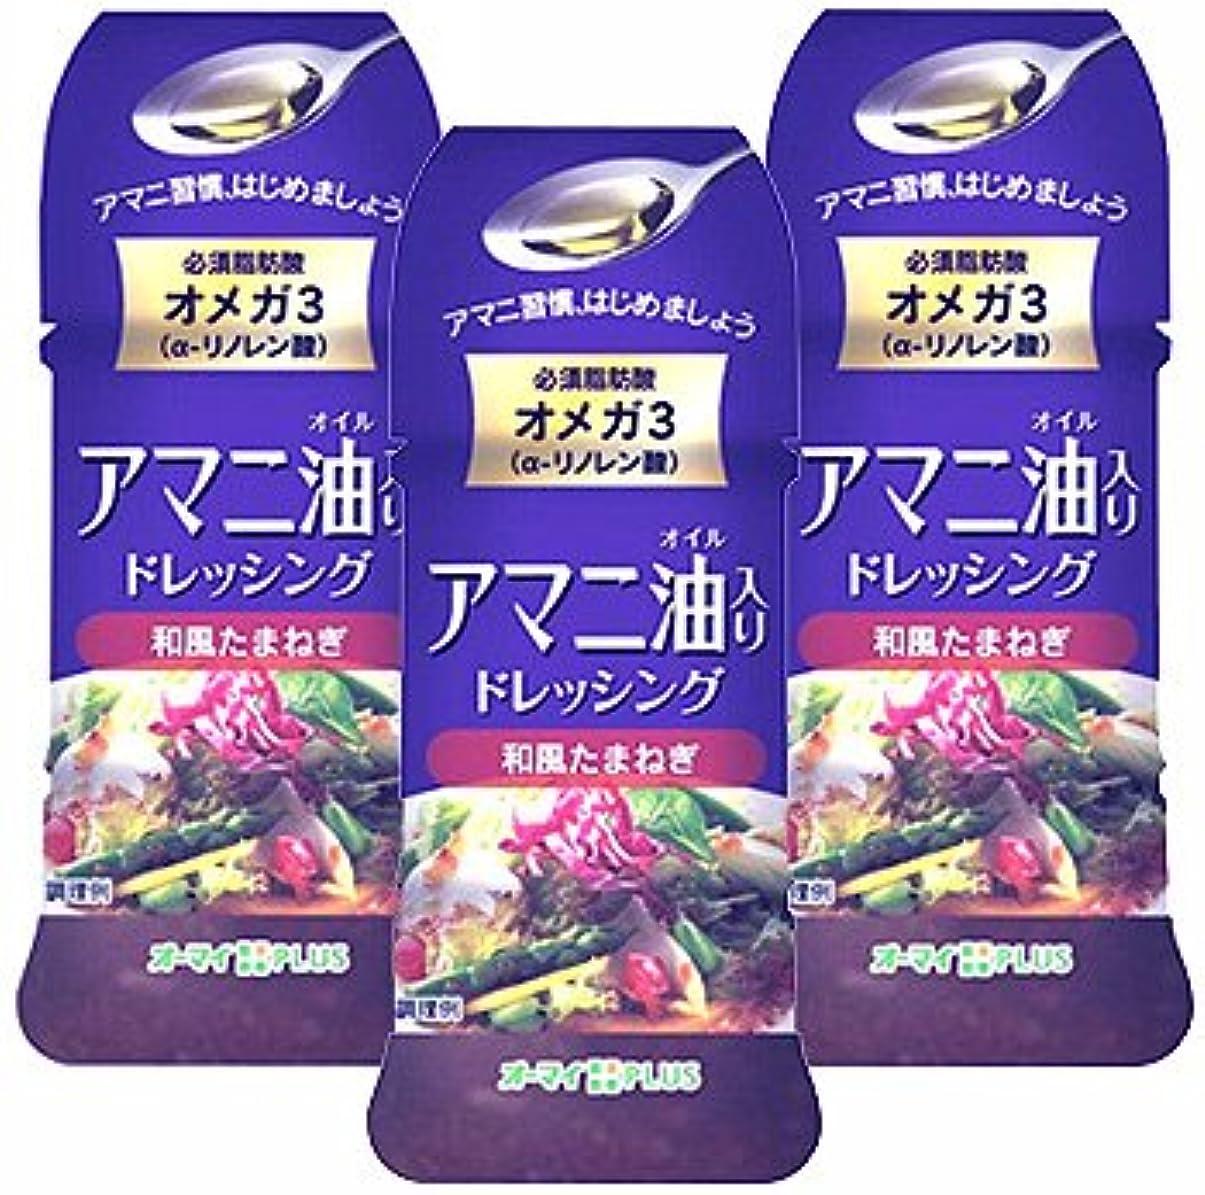 せっかち供給イタリアのアマニ油ドレッシング 和風たまねぎ【3本セット】日本製粉